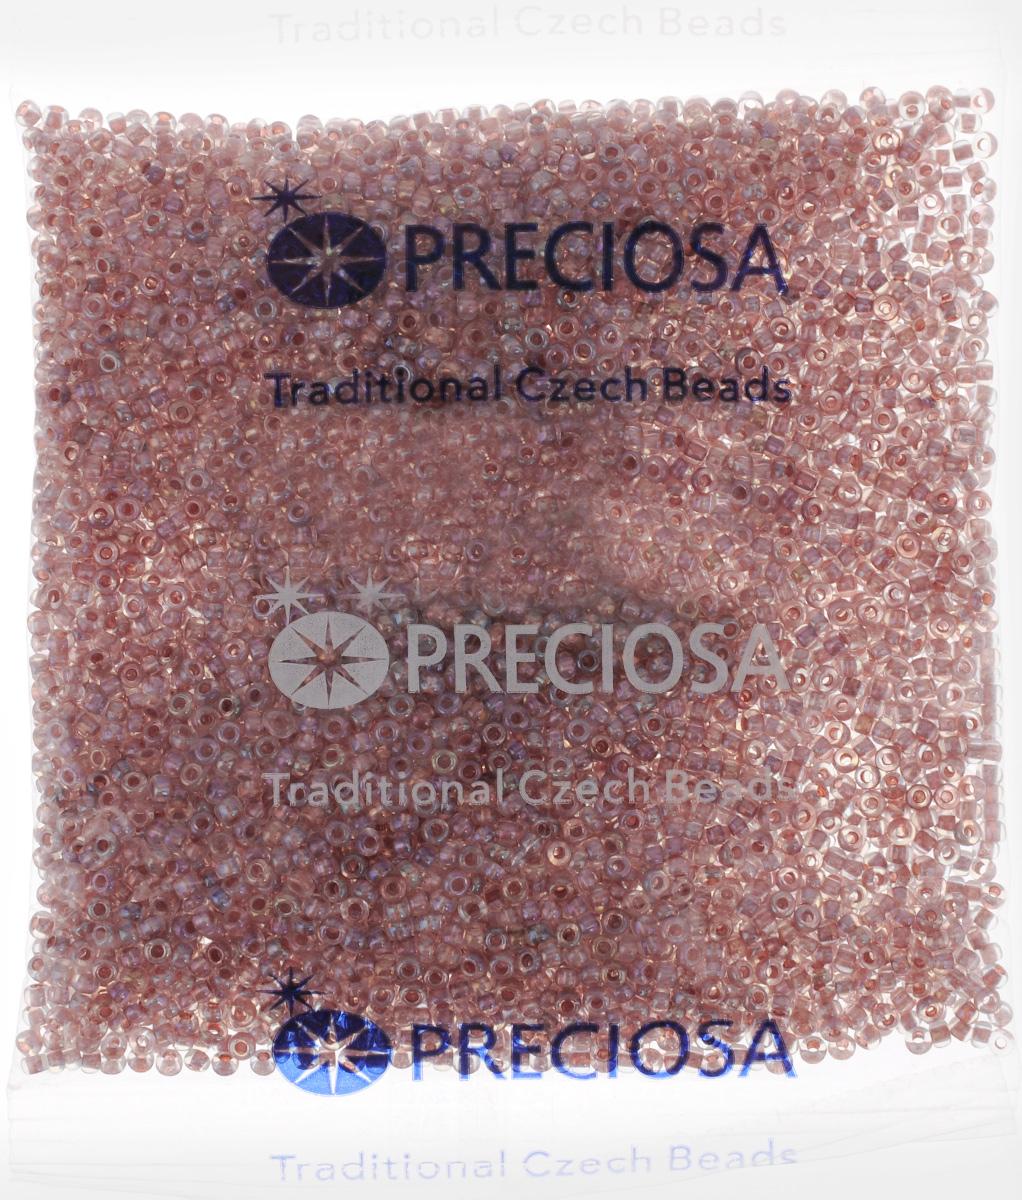 Бисер Preciosa Ассорти, прозрачный, с радужным покрытием, цвет: фиолетовый (14), 10/0, 50 г163142_14_фиолетовыйБисер Preciosa Ассорти, изготовленный из стекла круглой формы, позволит вам своими руками создать оригинальные ожерелья, бусы или браслеты, а также заняться вышиванием. В бисероплетении часто используют бисер разных размеров и цветов. Он идеально подойдет для вышивания на предметах быта и женской одежде. Изготовление украшений - занимательное хобби и реализация творческих способностей рукодельницы, это возможность создания неповторимого индивидуального подарка.